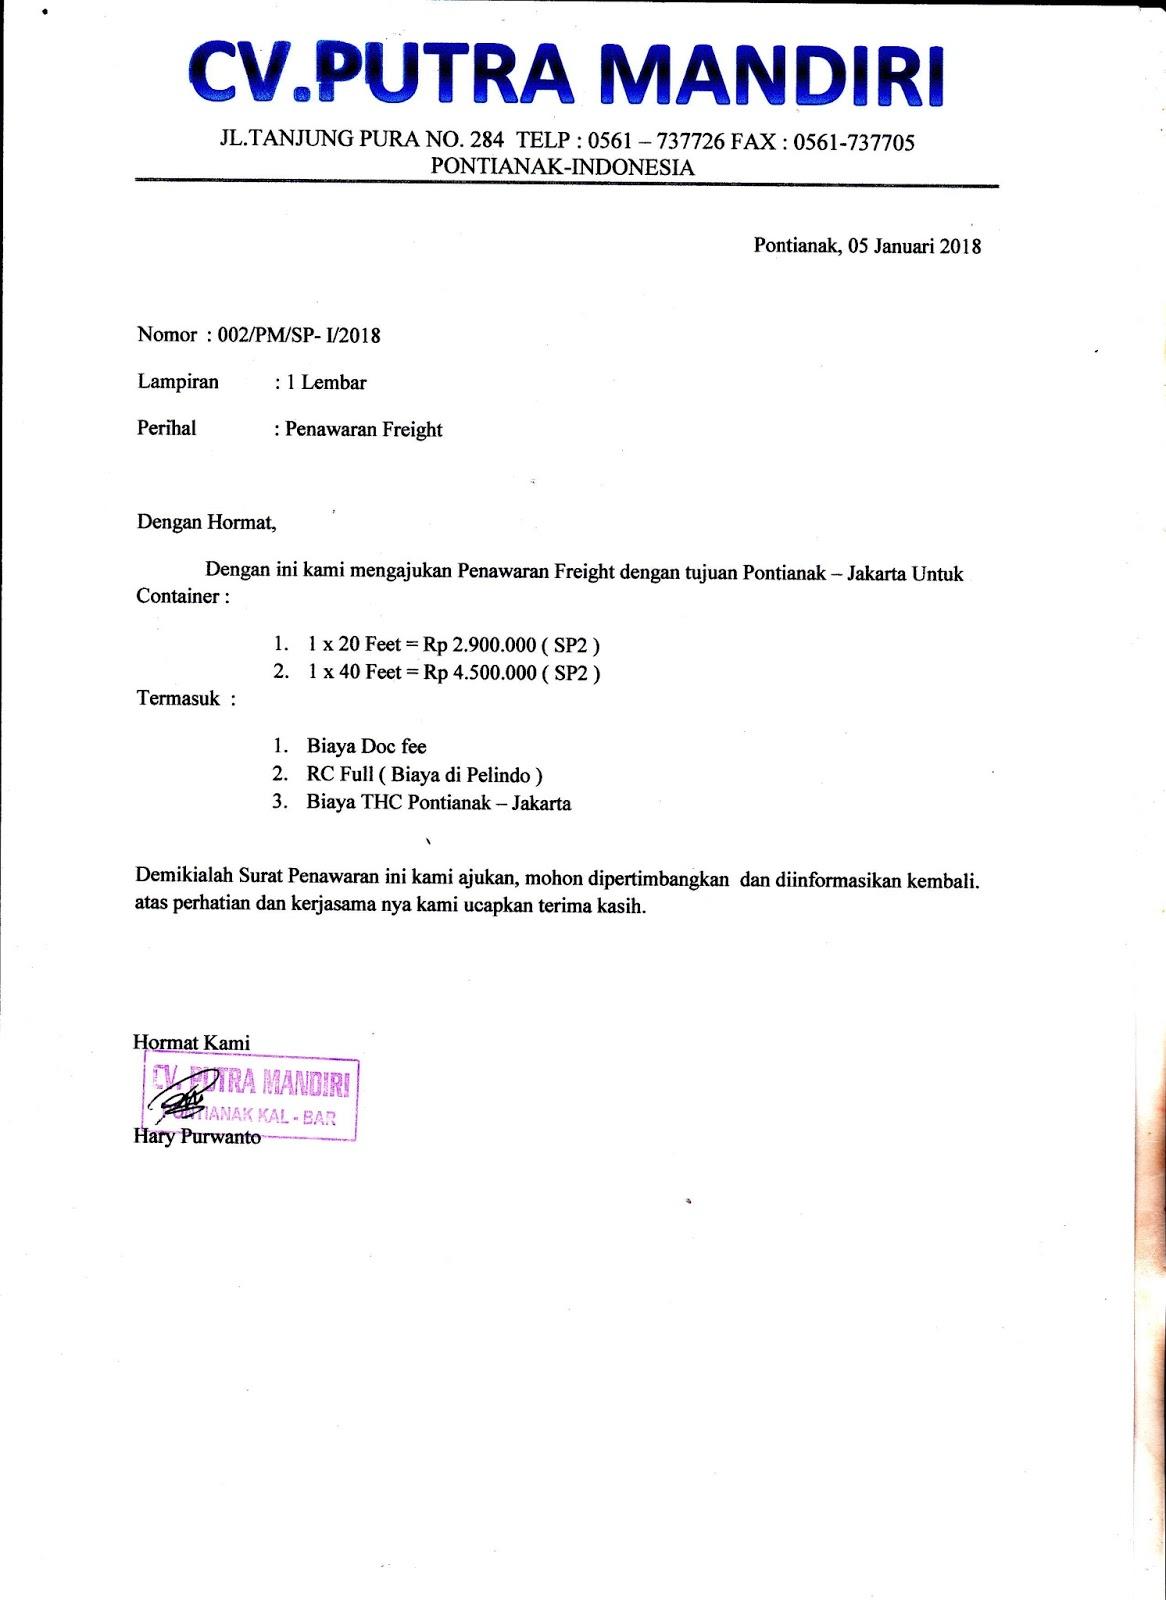 Contoh Surat Penawaran Freight Container Ra